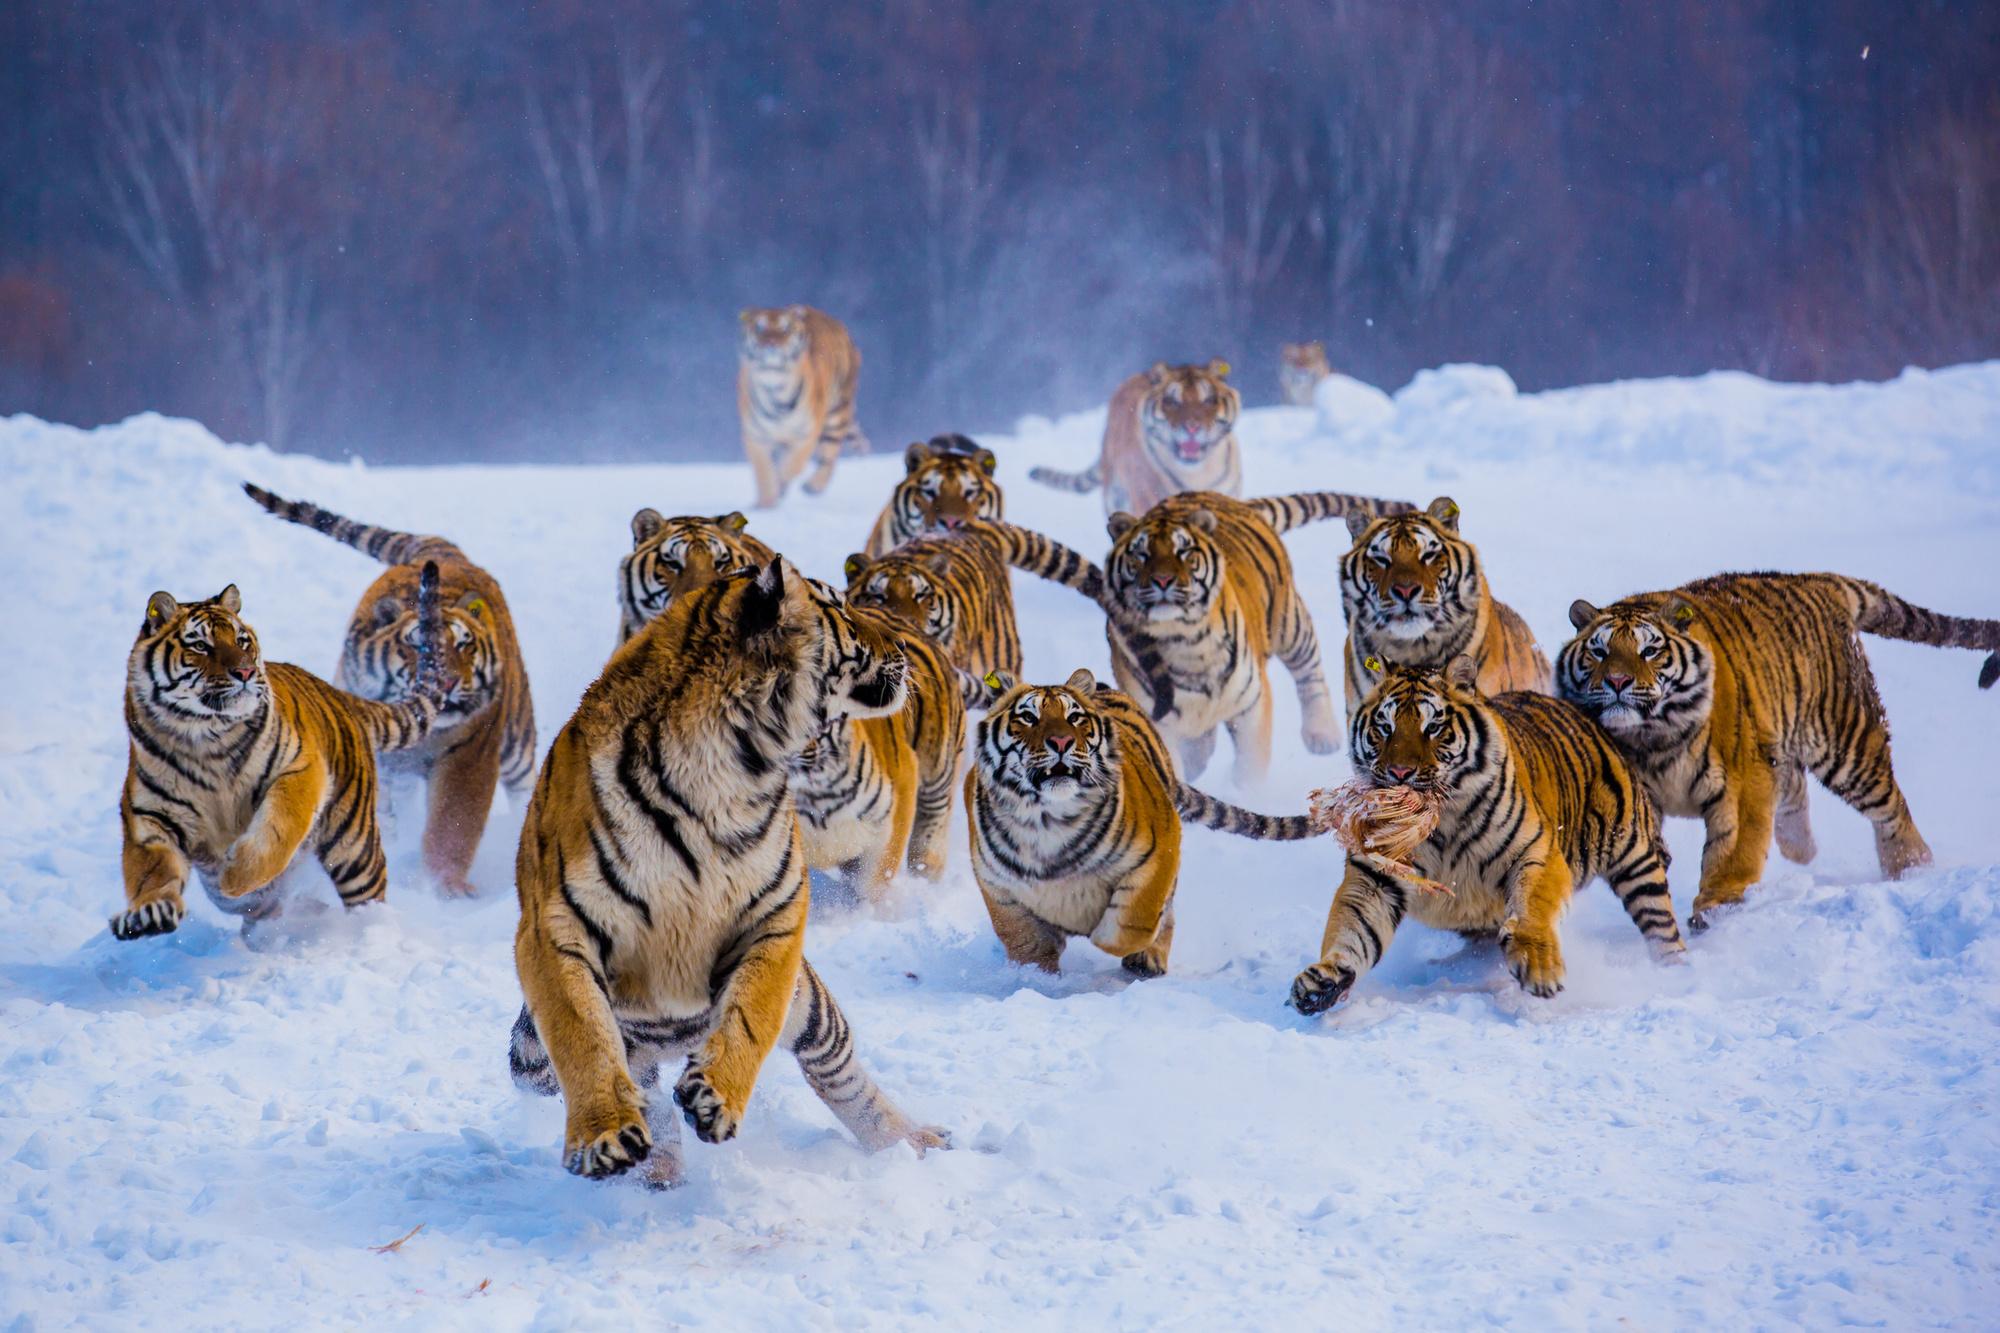 Tijgers in het noordoosten van China vechten om hun eten., Getty